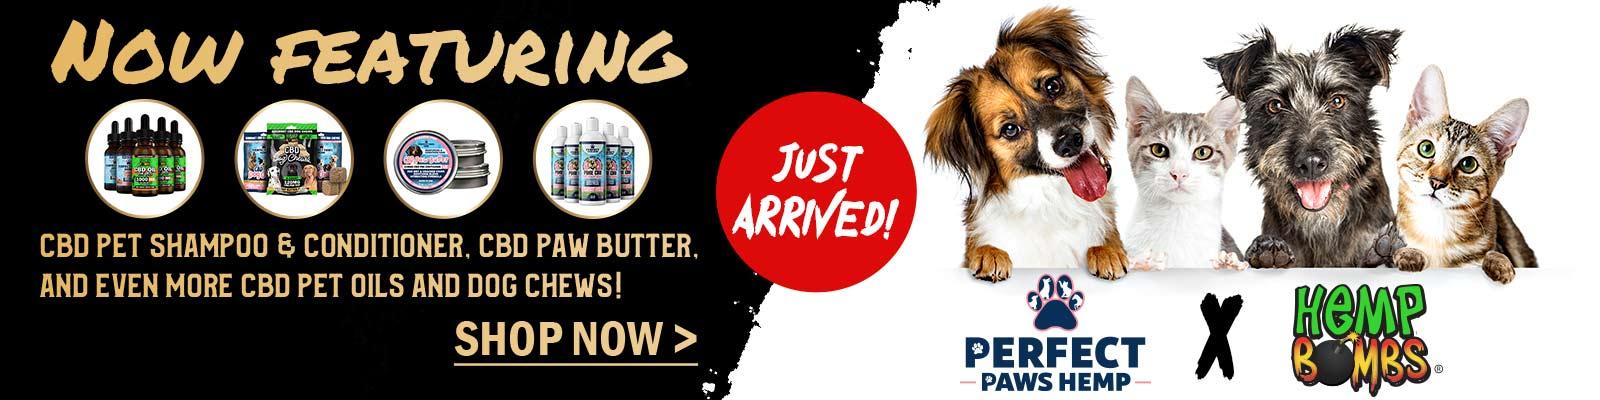 CBD Pet Products on Hemp Bombs